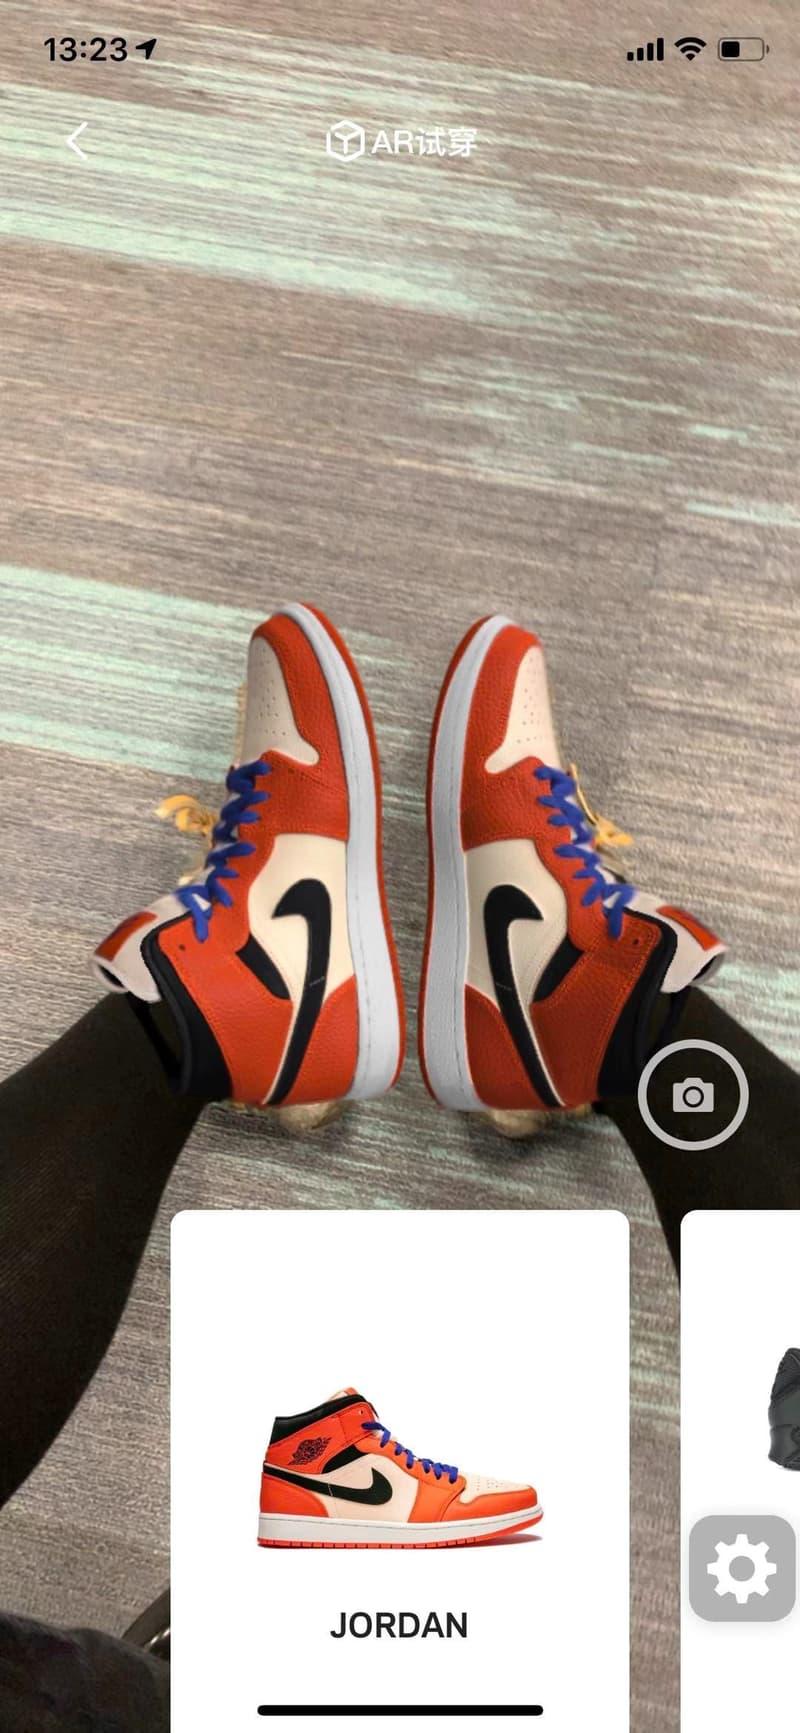 线上购物平台 Farfetch 推出全新 AR 试鞋功能